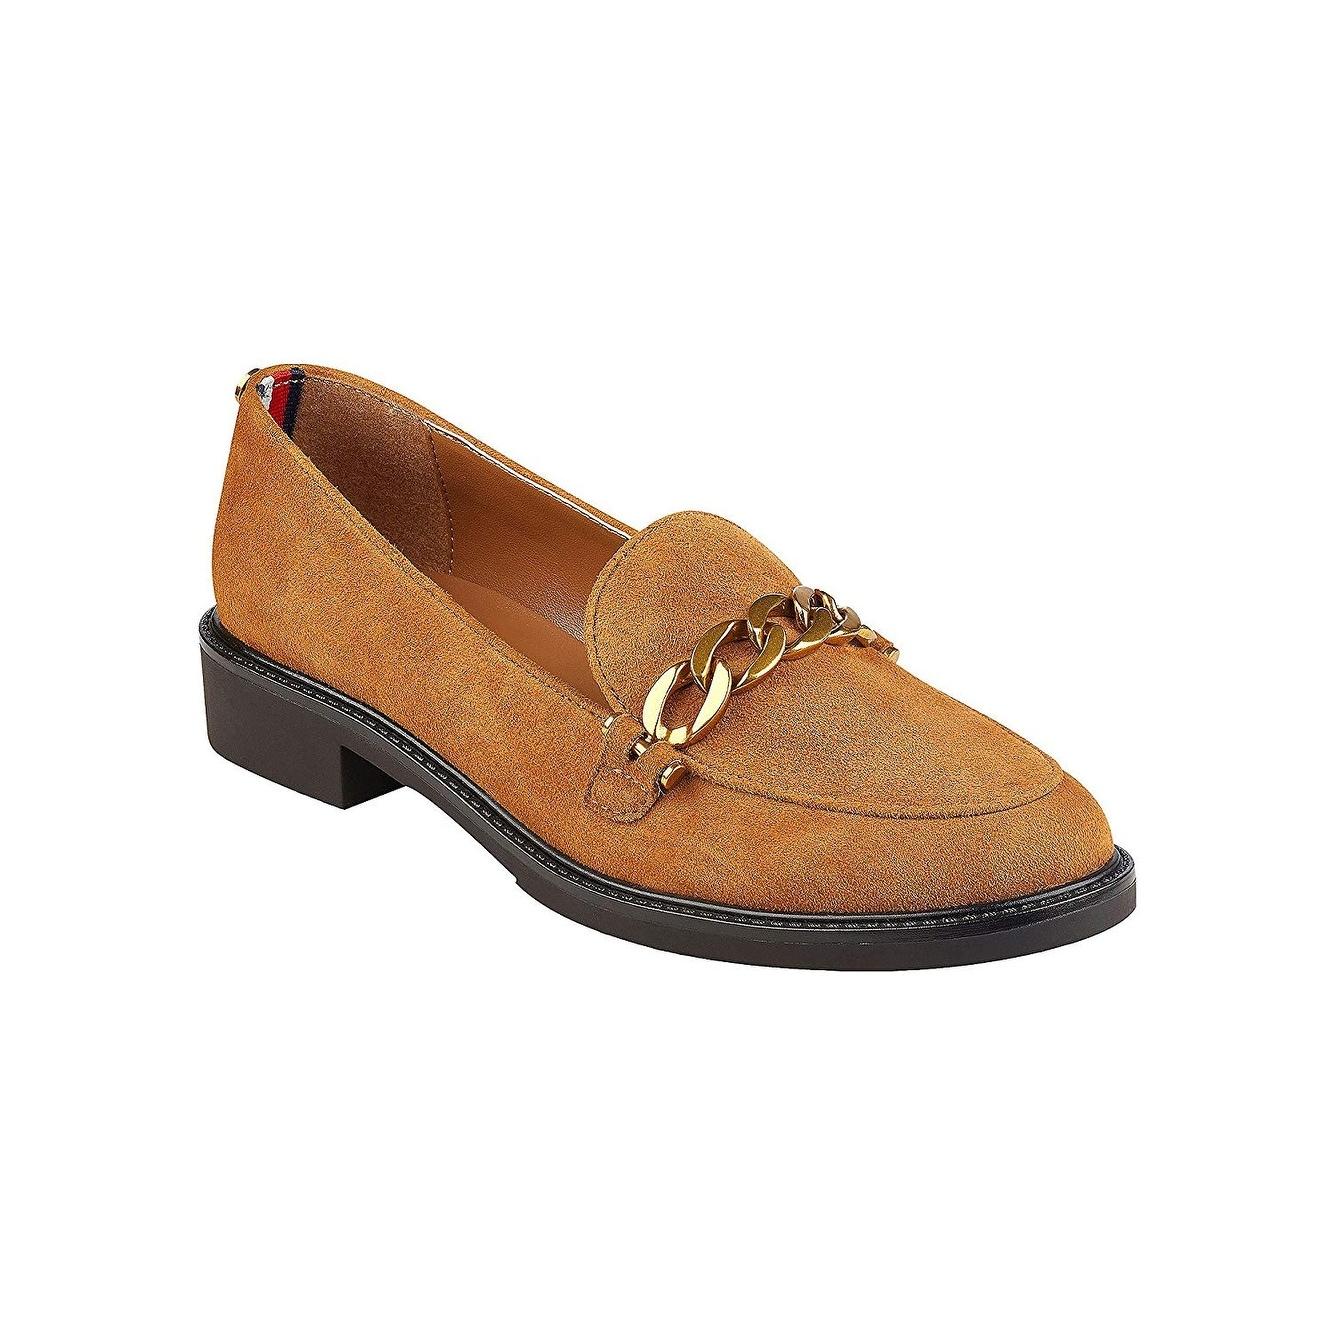 8d72d7c37 Tommy Hilfiger Shoes